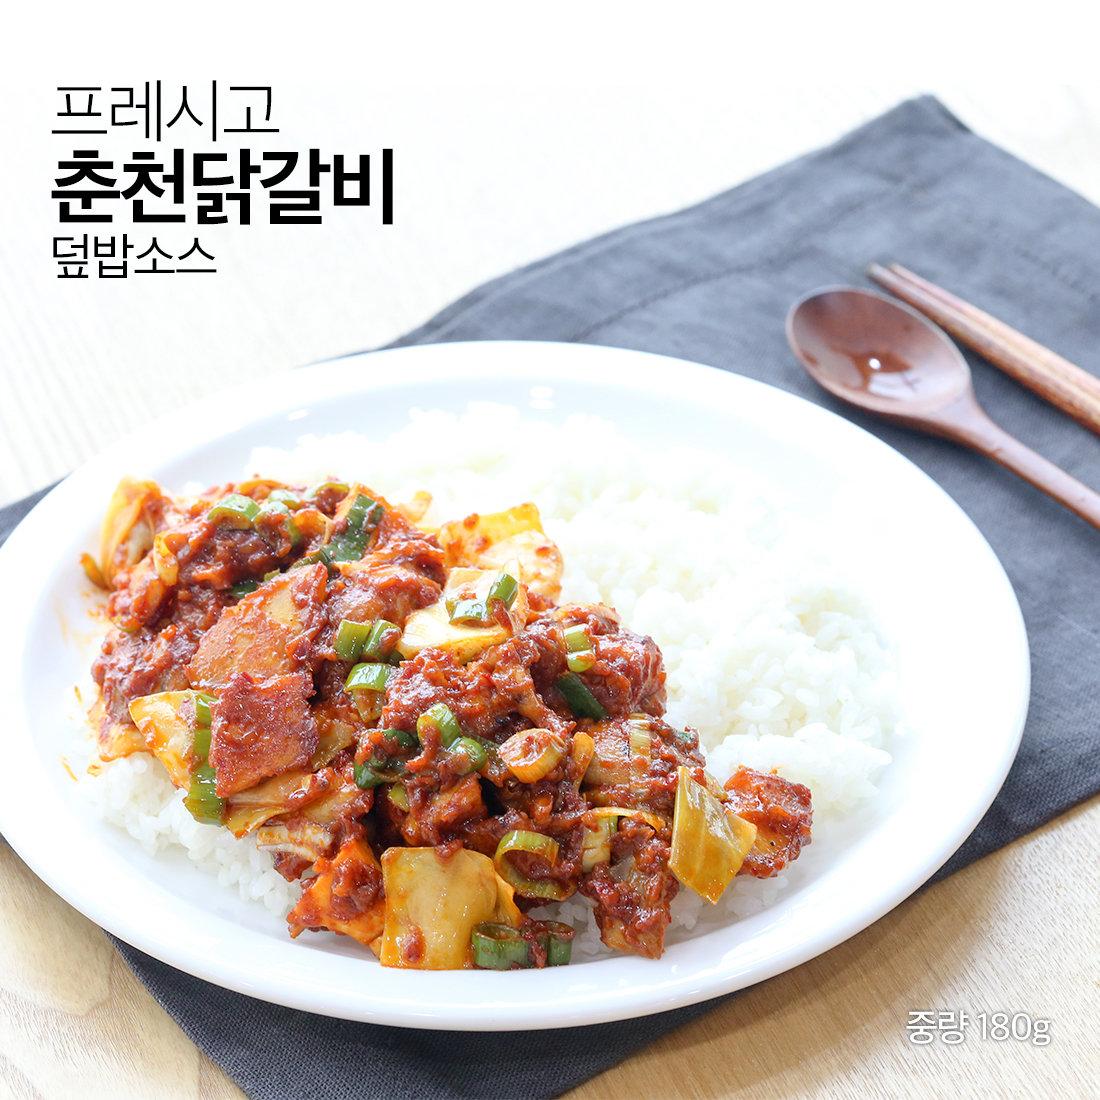 춘천닭갈비 덮밥소스 4팩